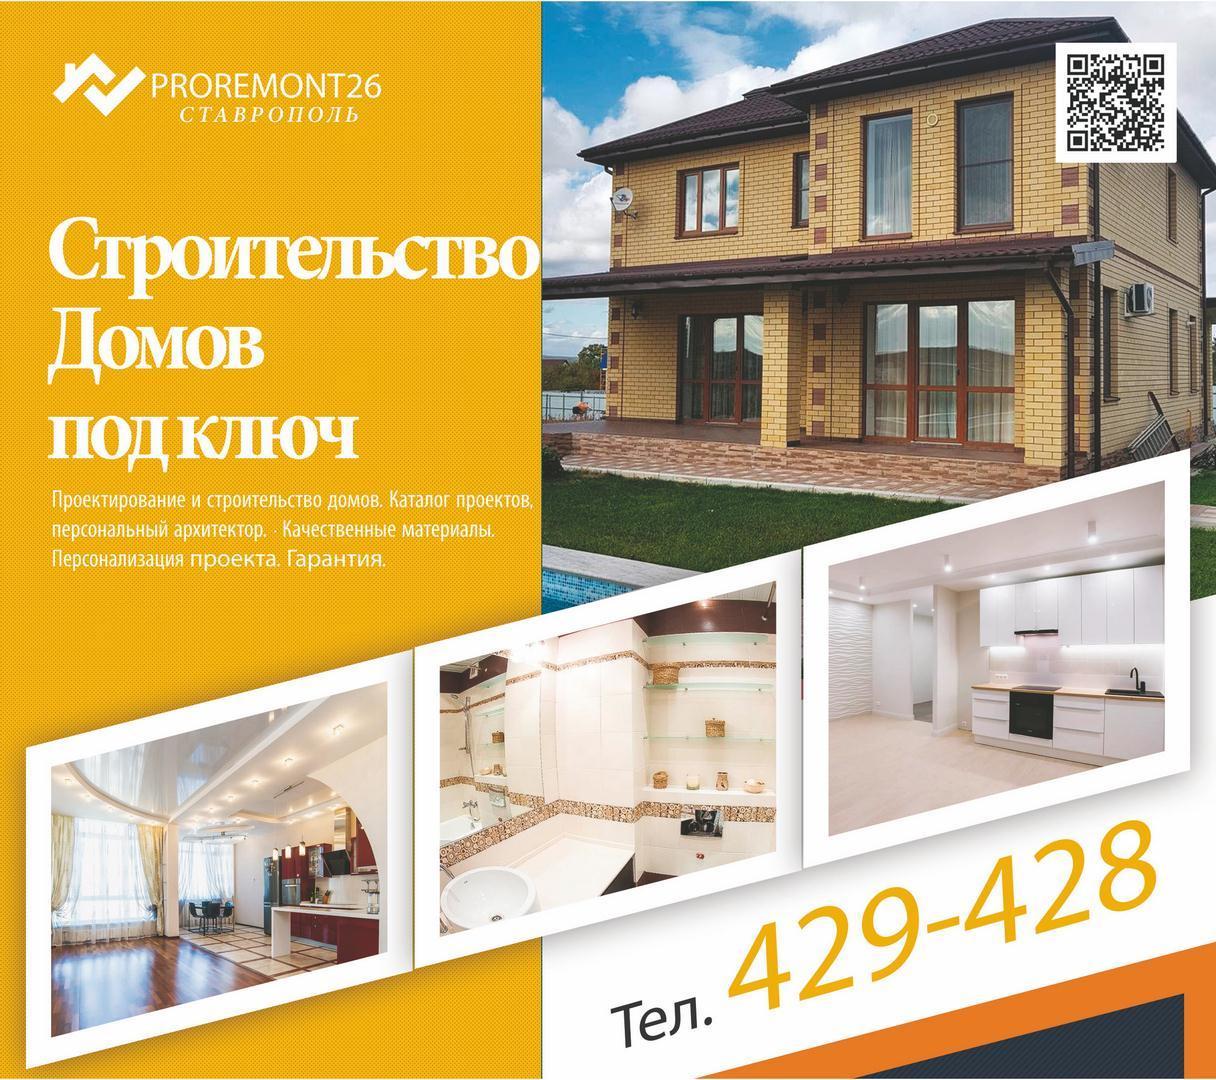 Строительство домов в Ставрополе